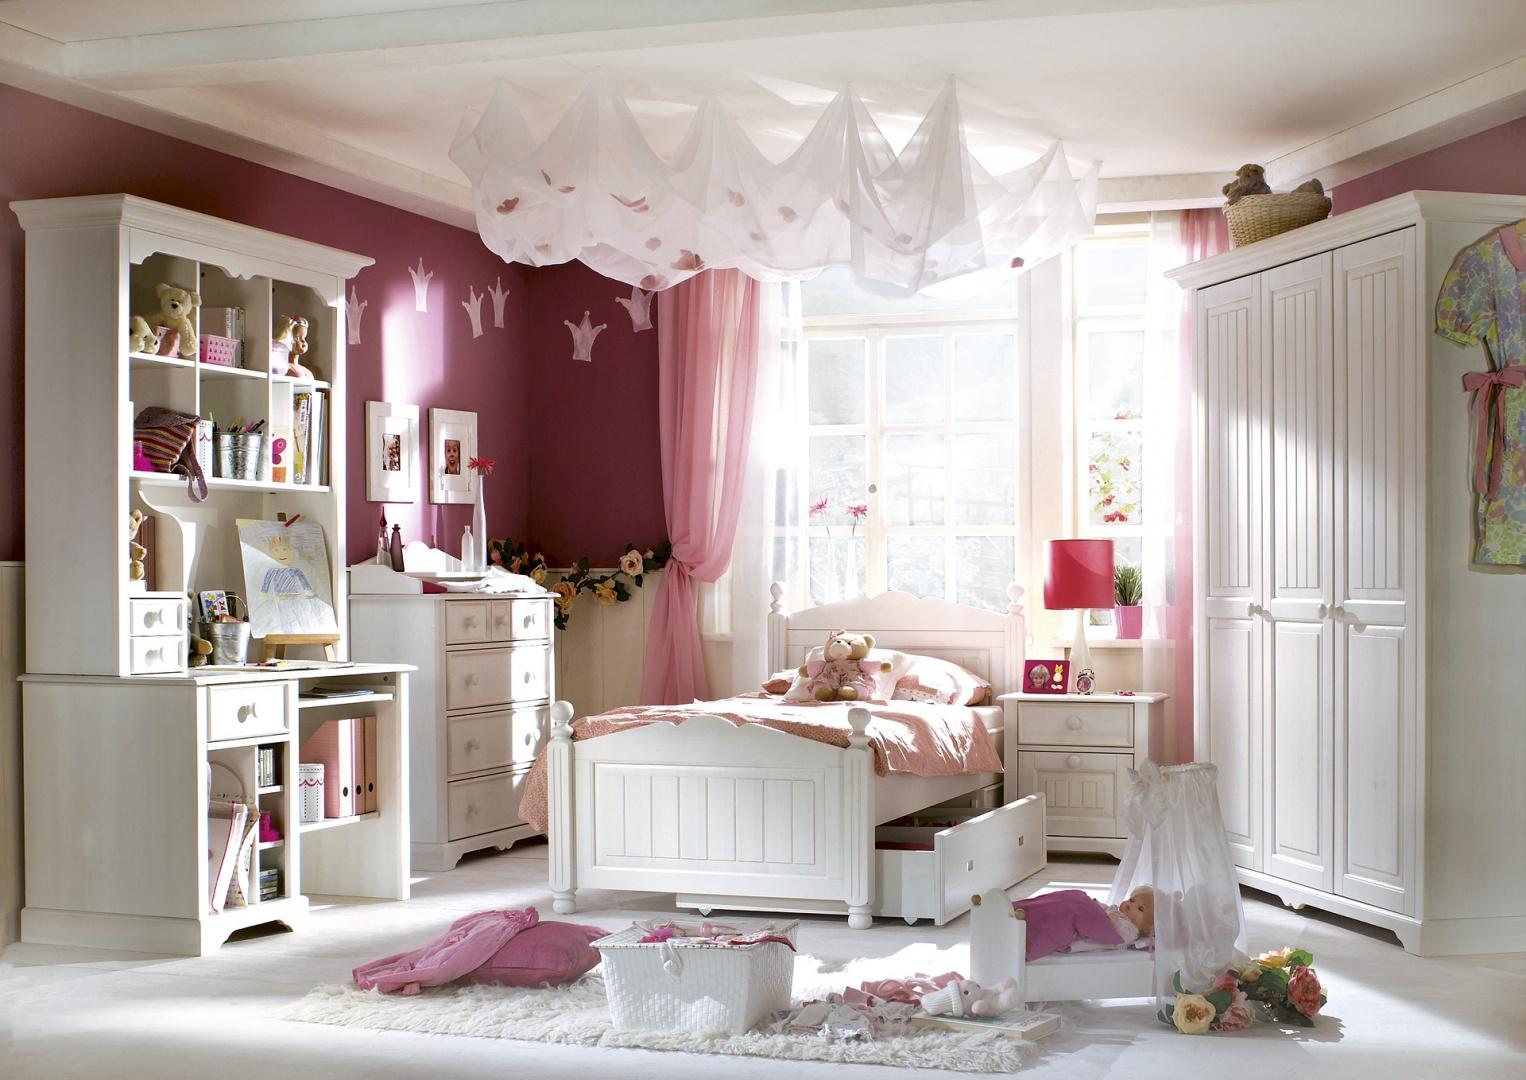 Cinderella Premium to kolekcja idealna dla romantycznych dziewczynek. Białe meble utrzymano w eleganckim, francuskim klimacie. Fot. Bydgoskie Meble.